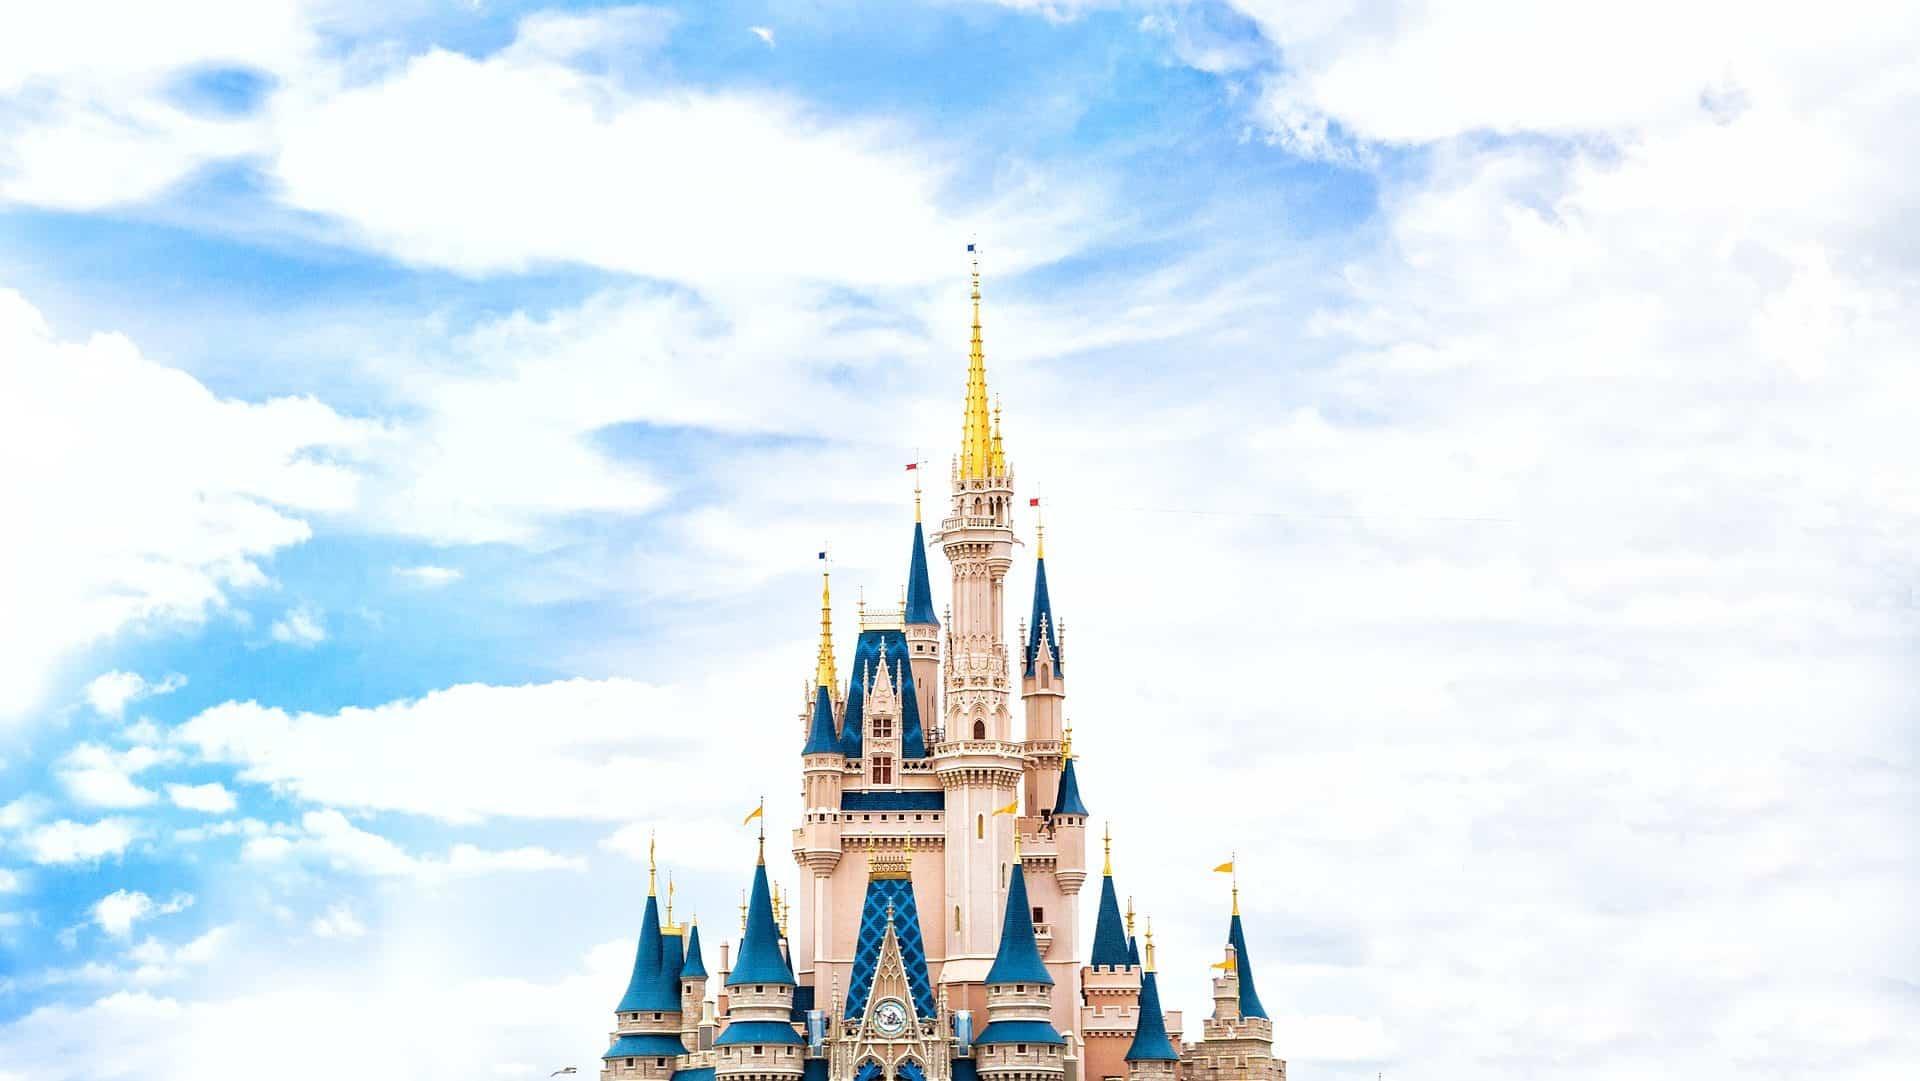 Walt Disney World 2020: The Best & Worst Months to Plan a Trip